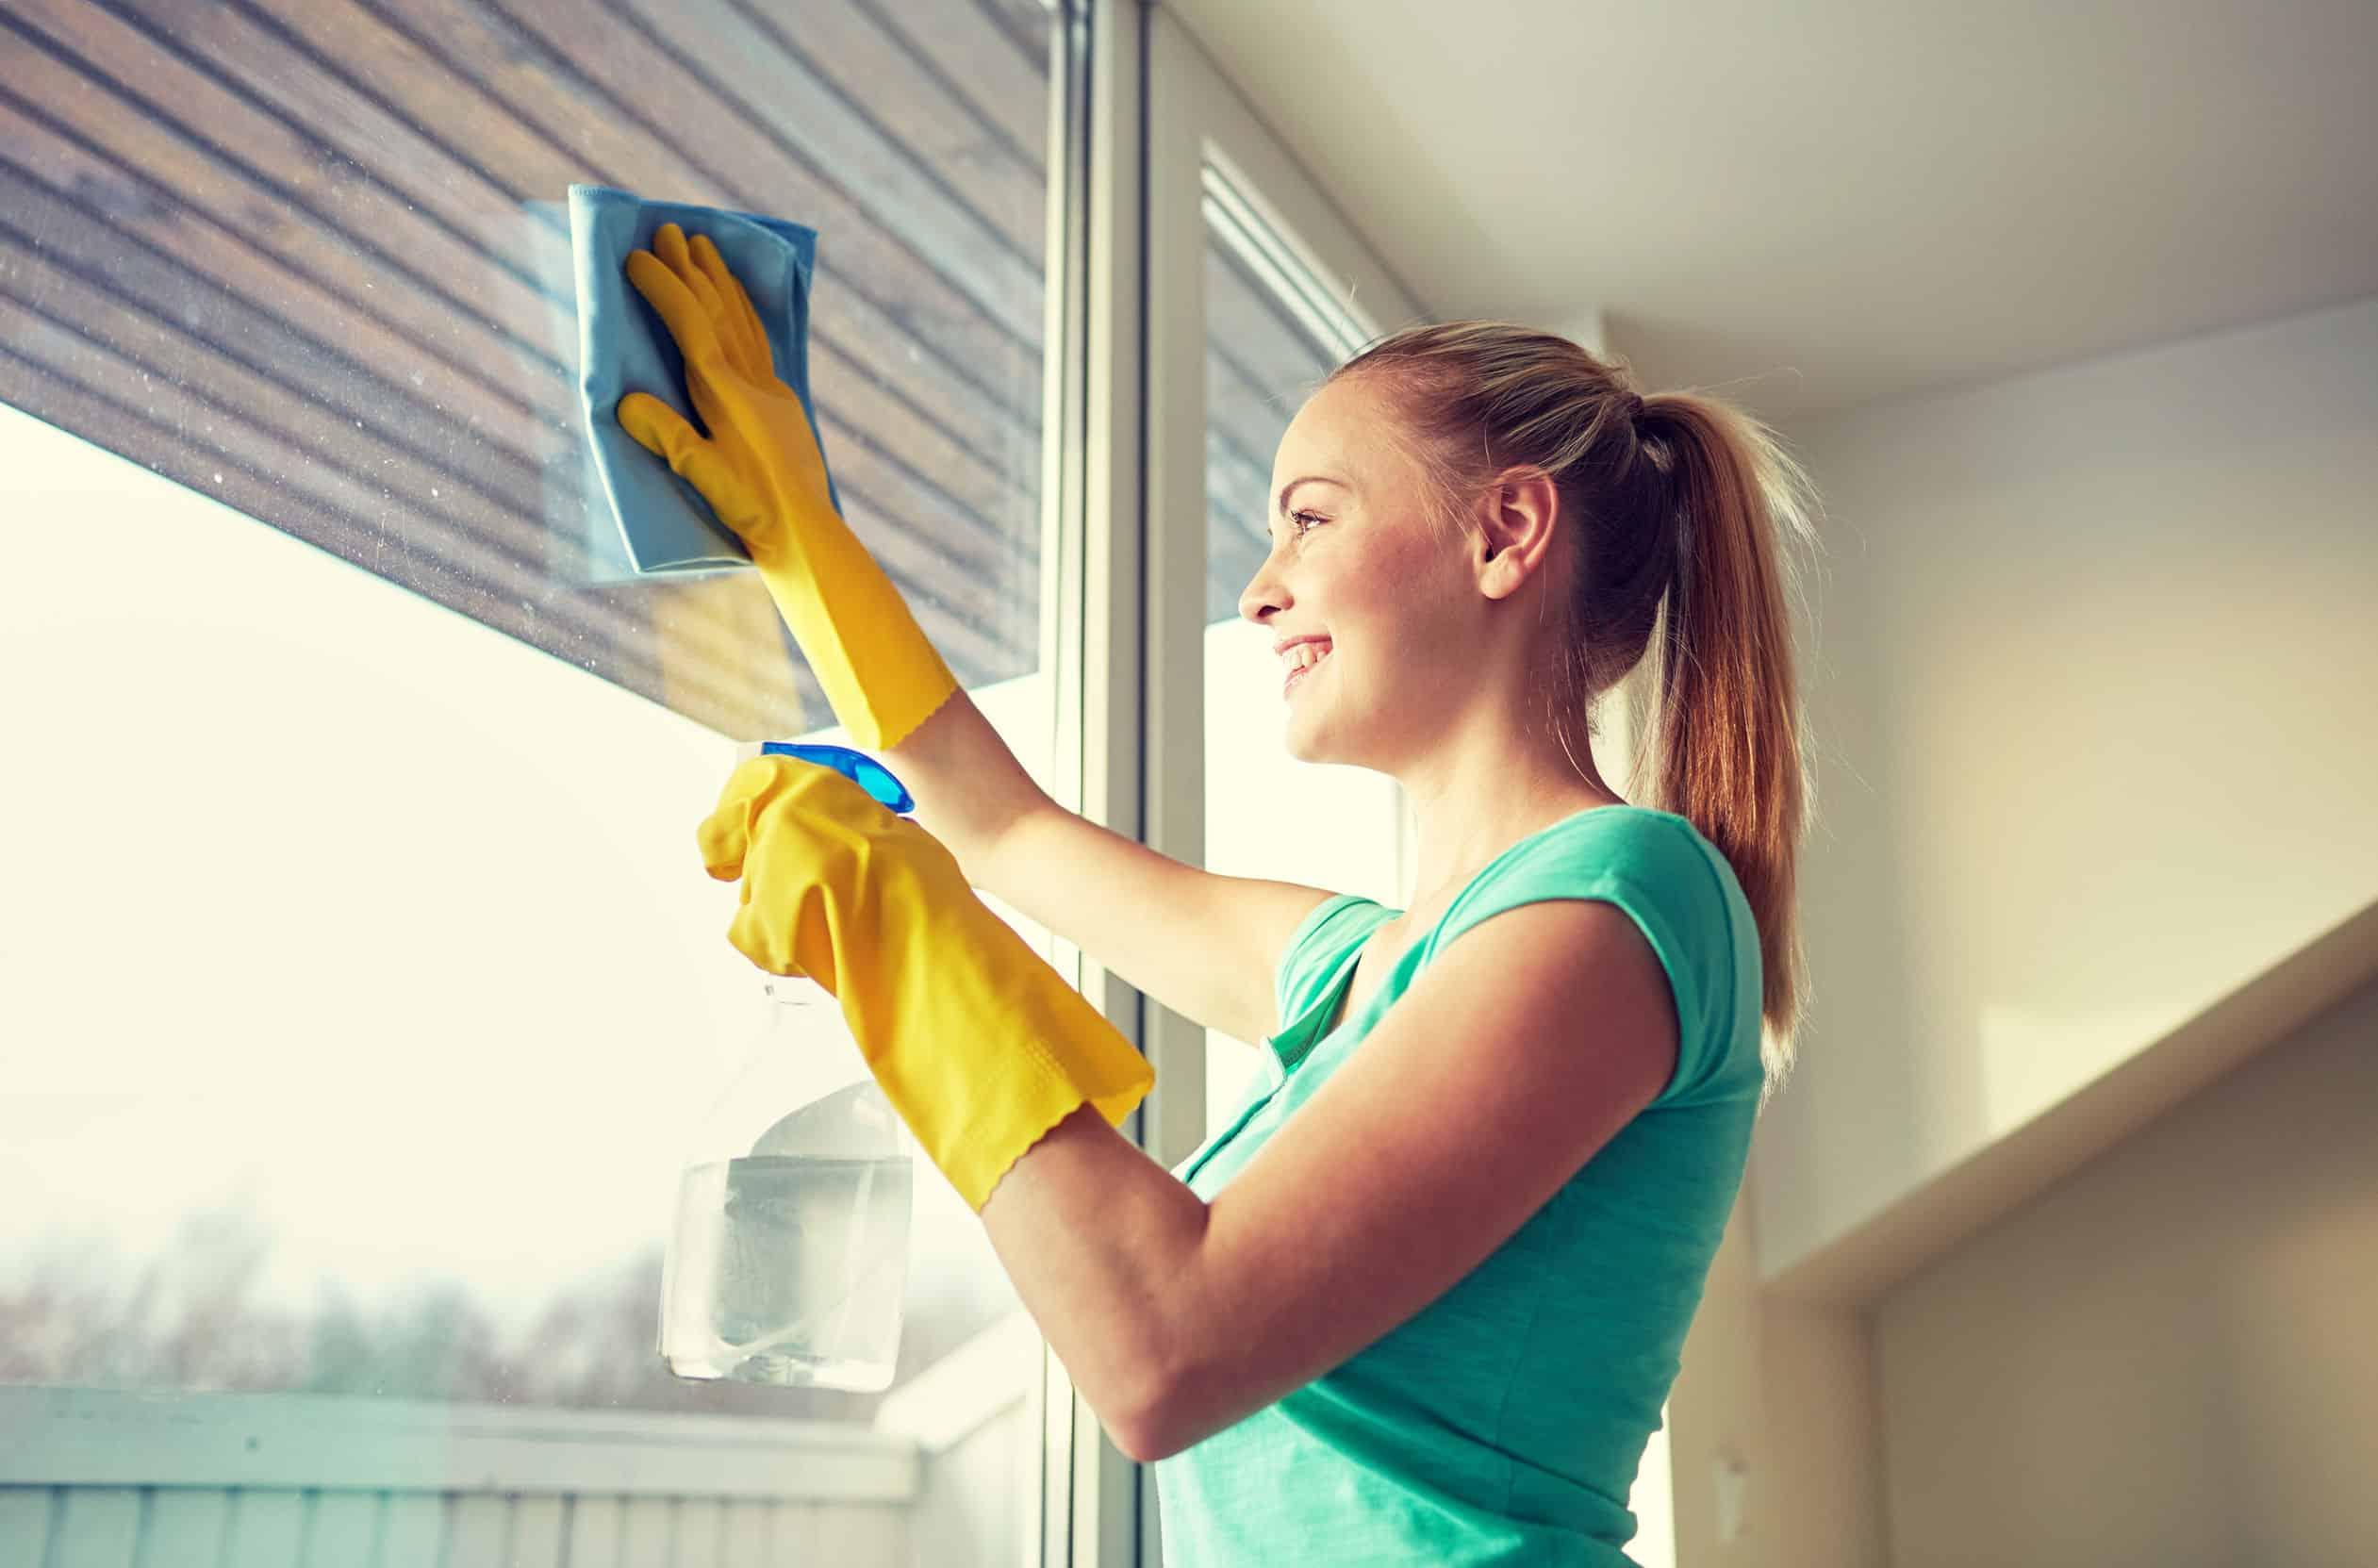 طرق منزلية للحفاظ على نظافة النوافذ من شحوم المطابخ